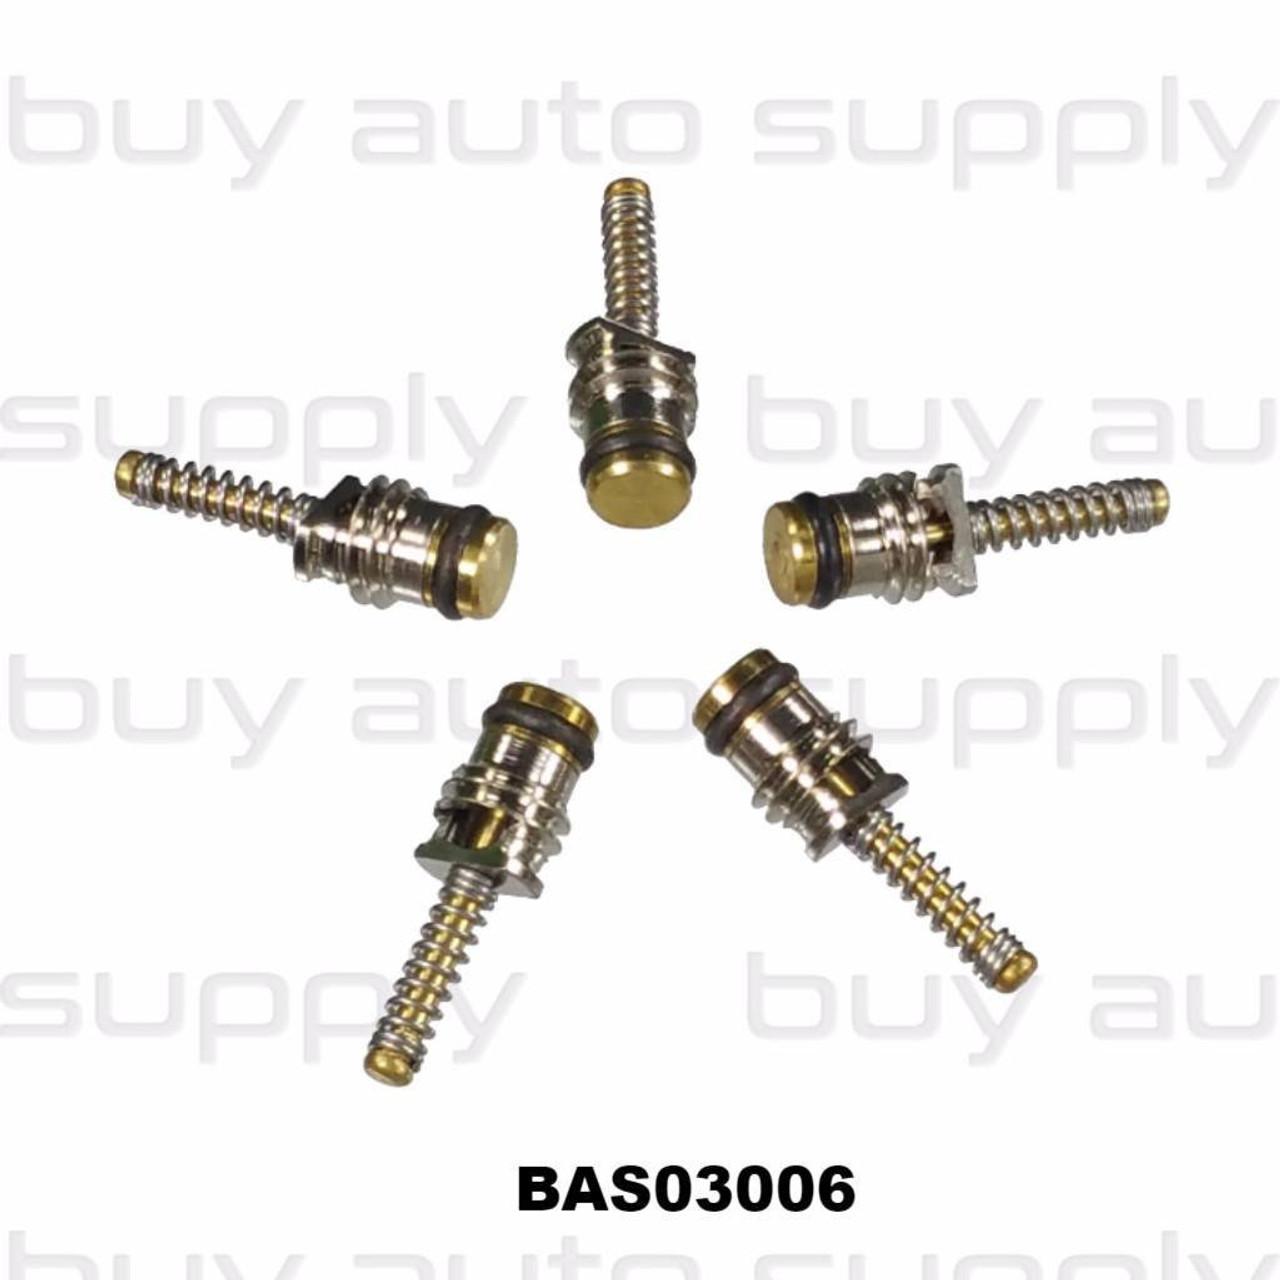 GM Large Bore - A/C Valve Core - BAS03006 - Interchange 15-5375, FJC-2673, 209586, MT0058